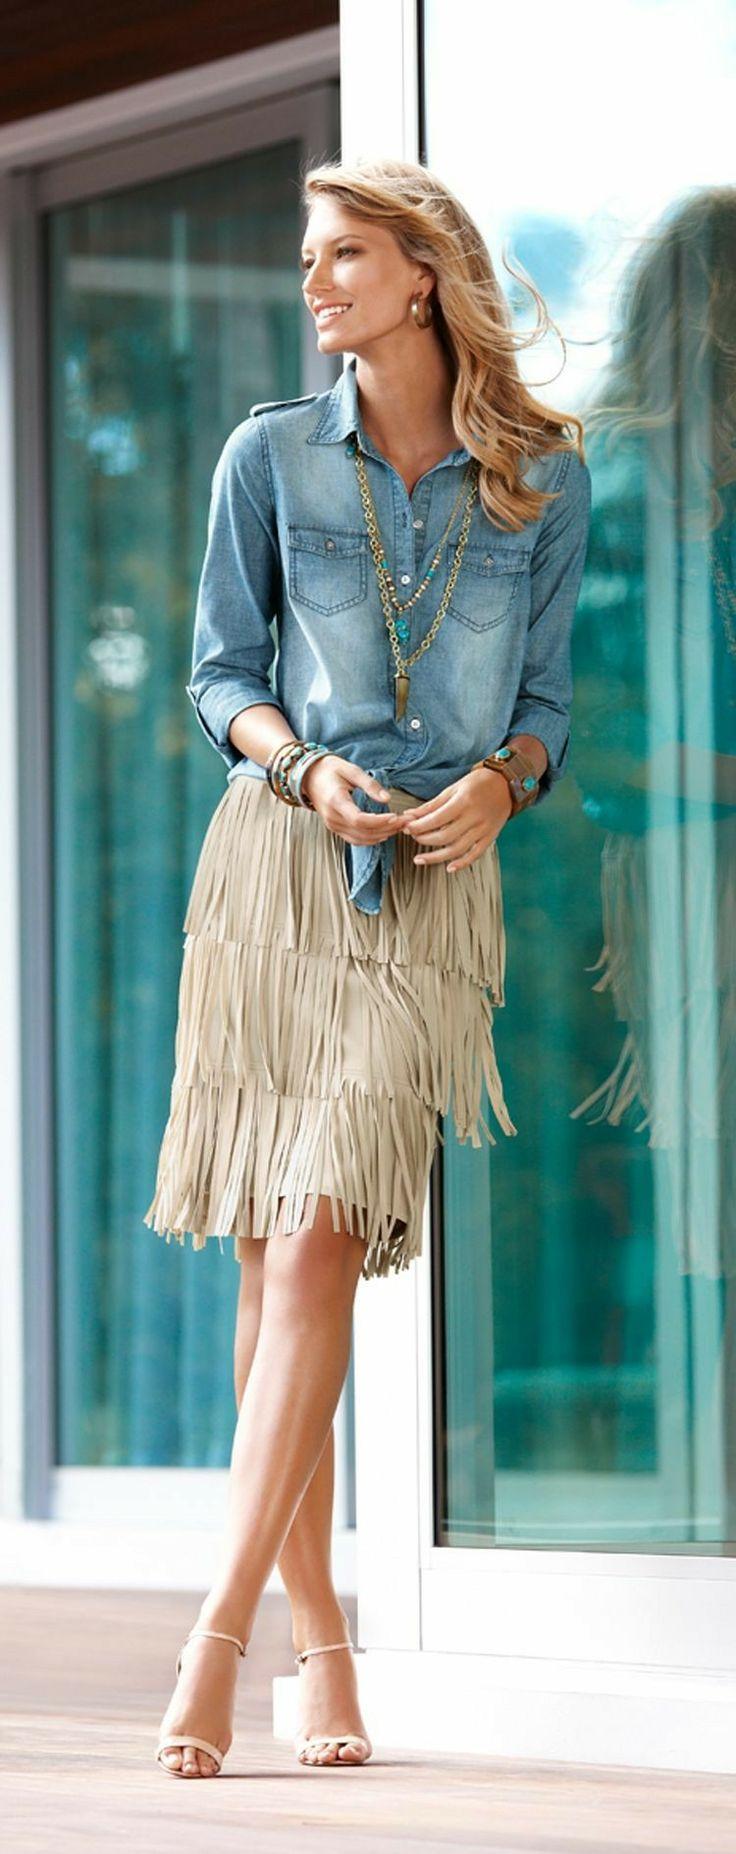 Western influences-fringe fashion